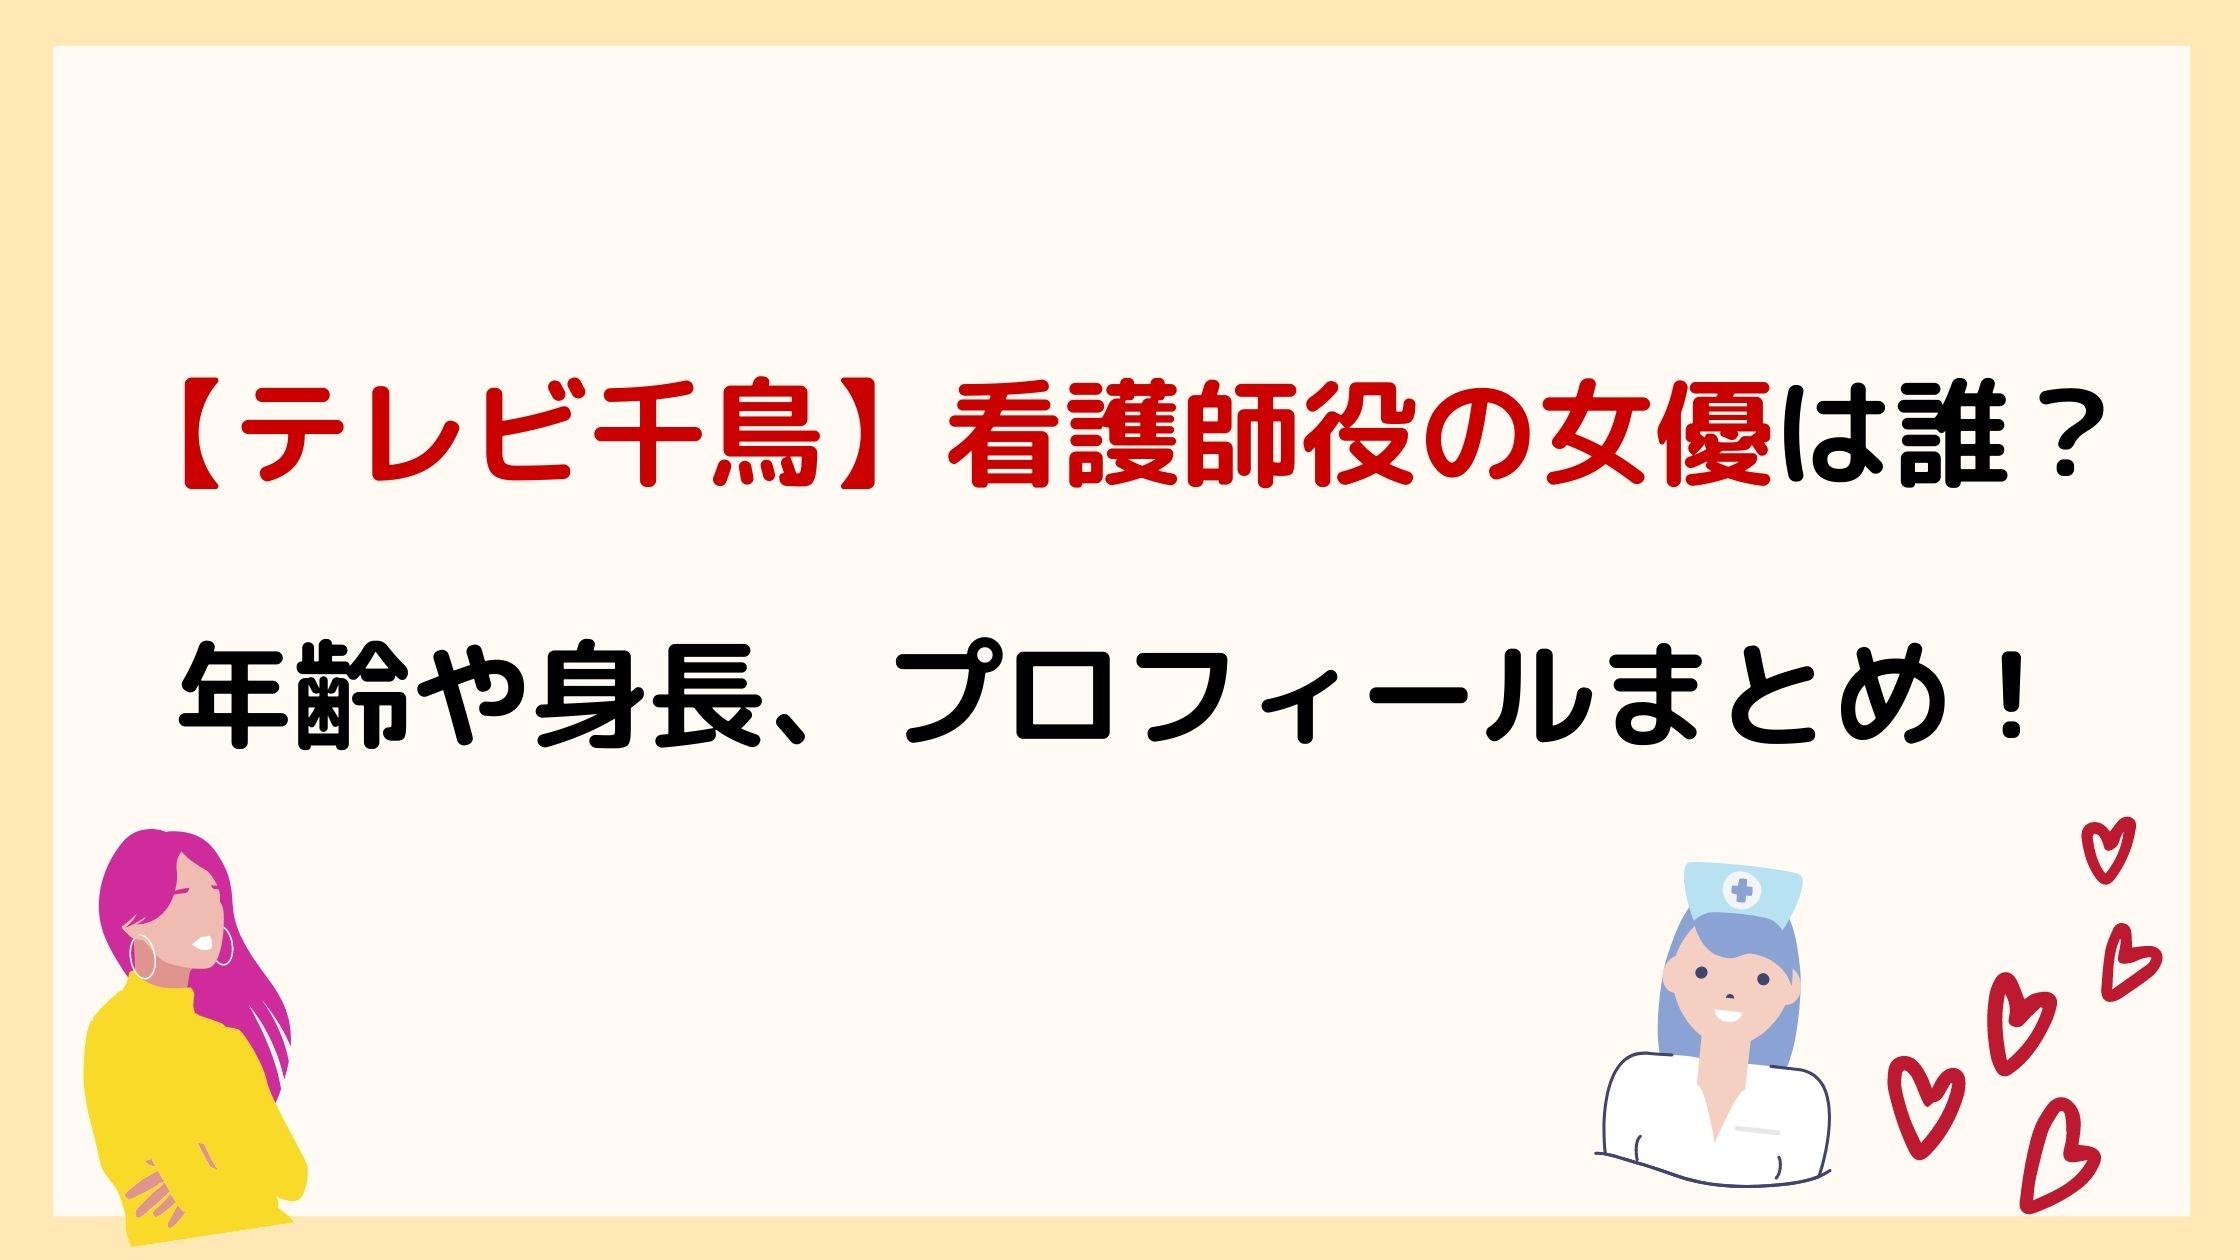 【テレビ千鳥】看護師役の女優は誰?年齢や身長、プロフィールまとめ